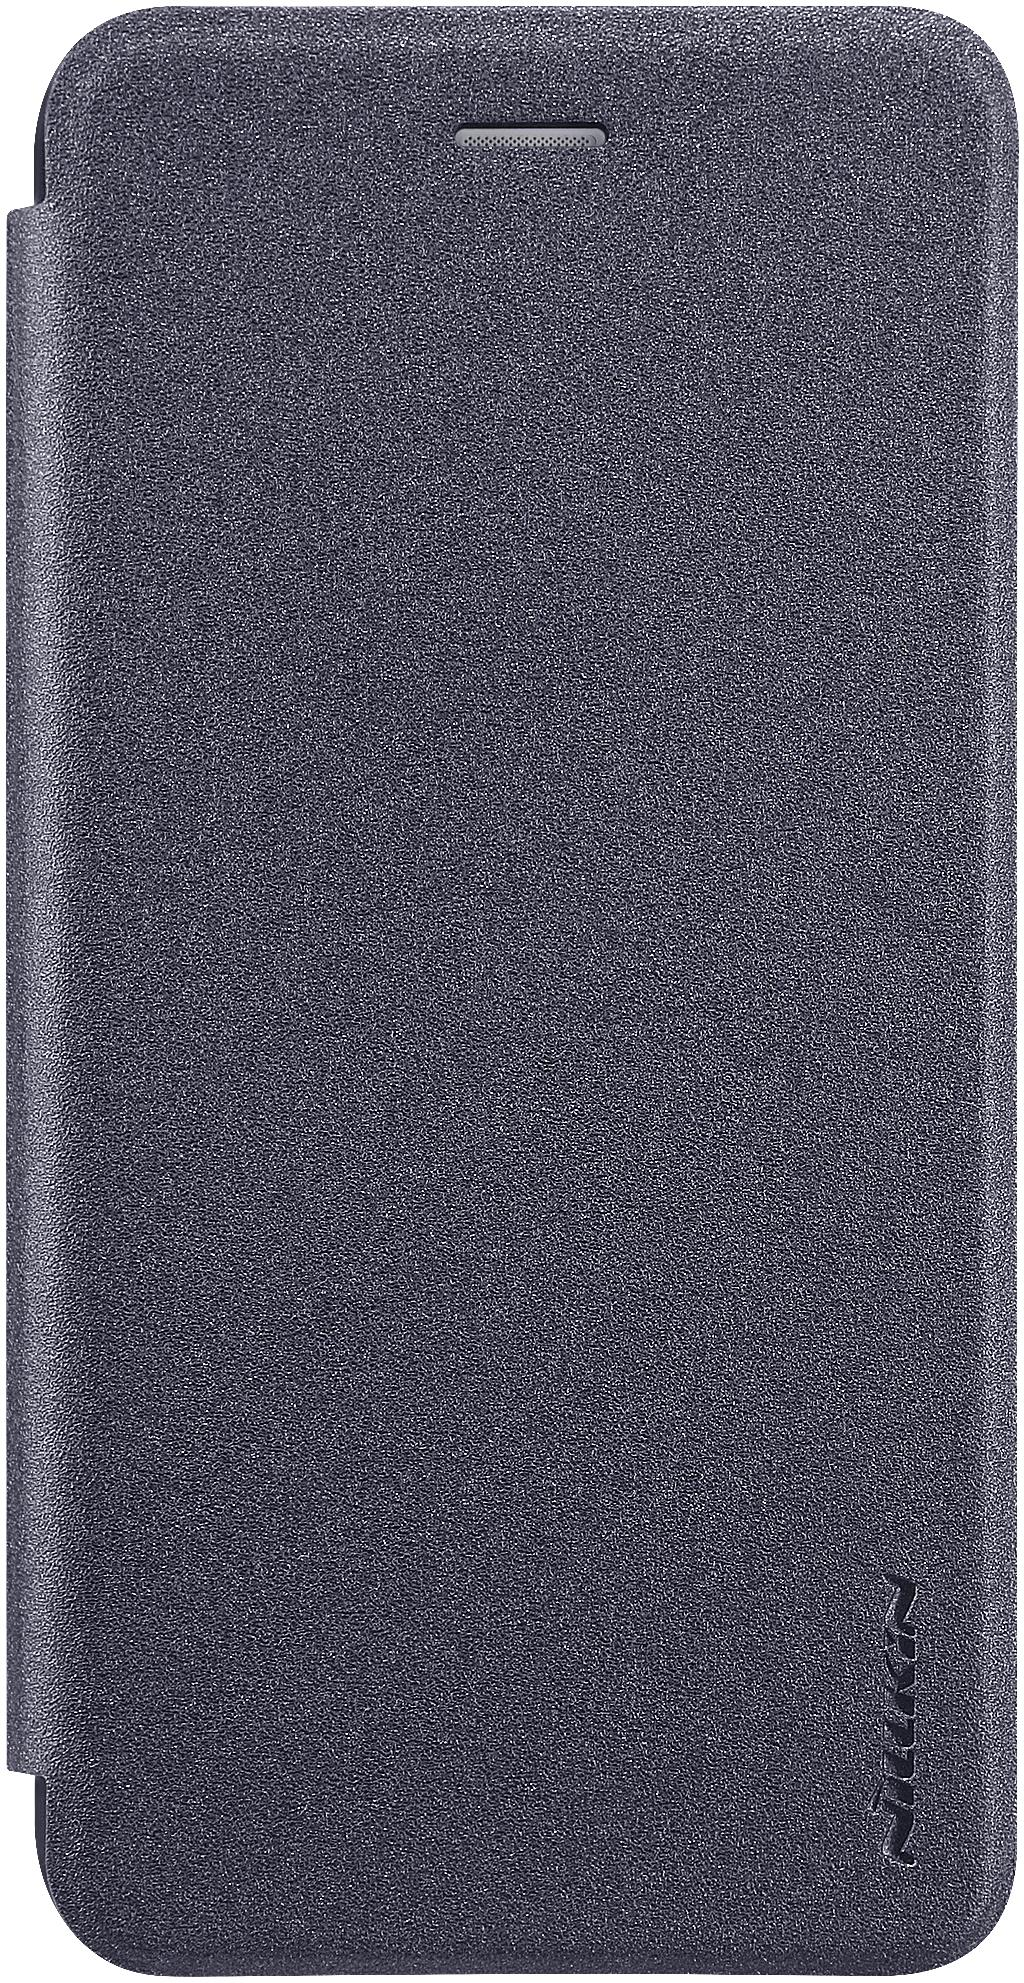 Чехол из искусственной кожи для Huawei P8 Lite (2017)/Honor 8 Lite все цены